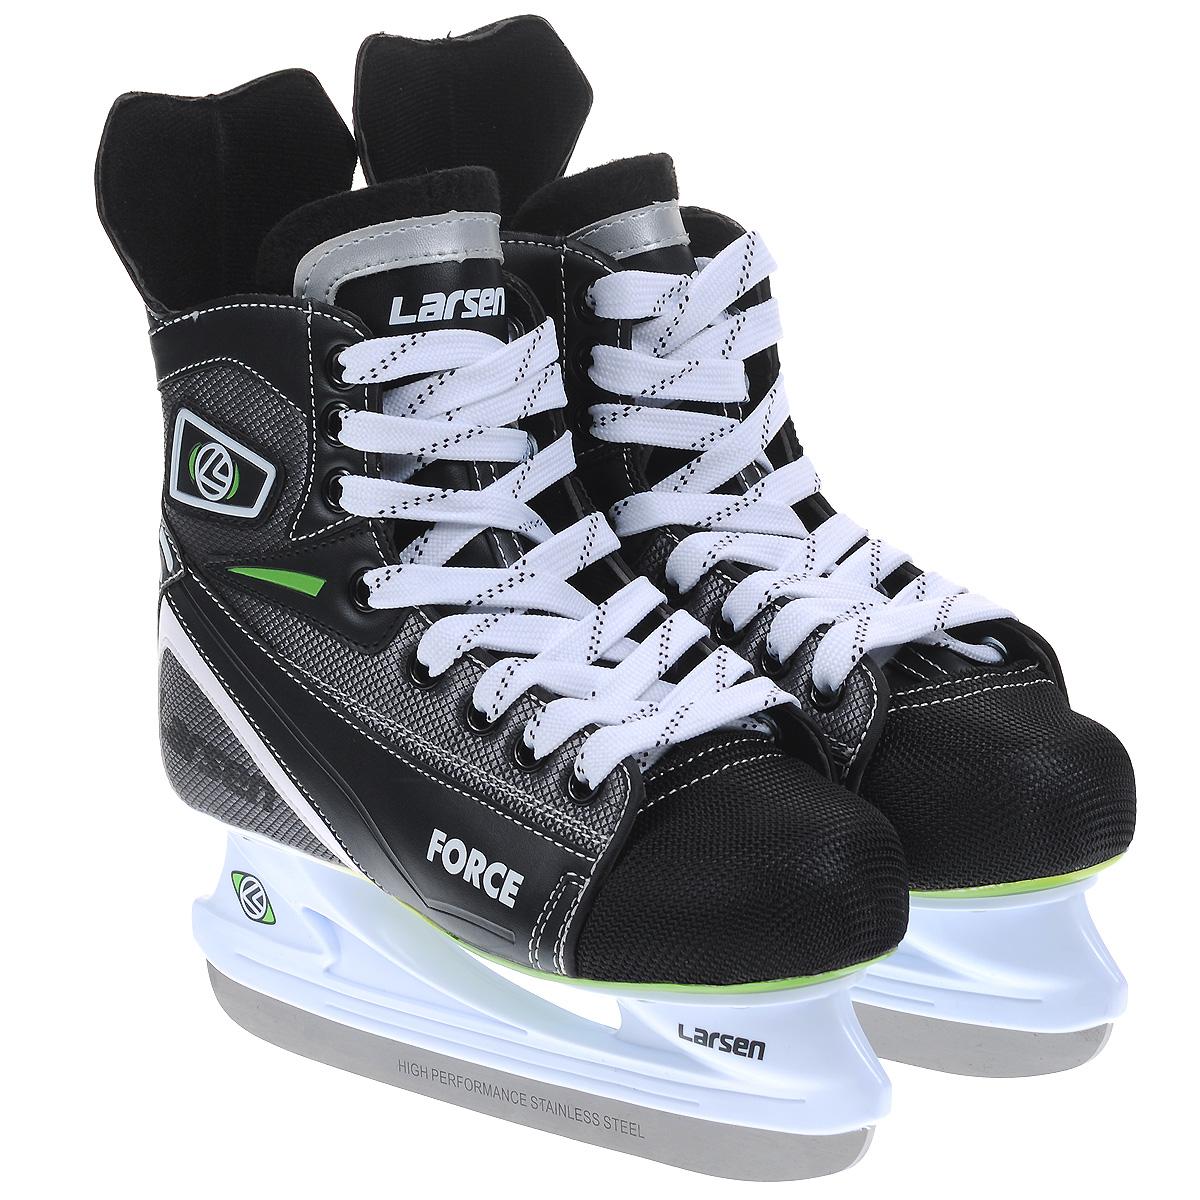 Коньки хоккейные Larsen Force, цвет: черный, серый. Размер 43